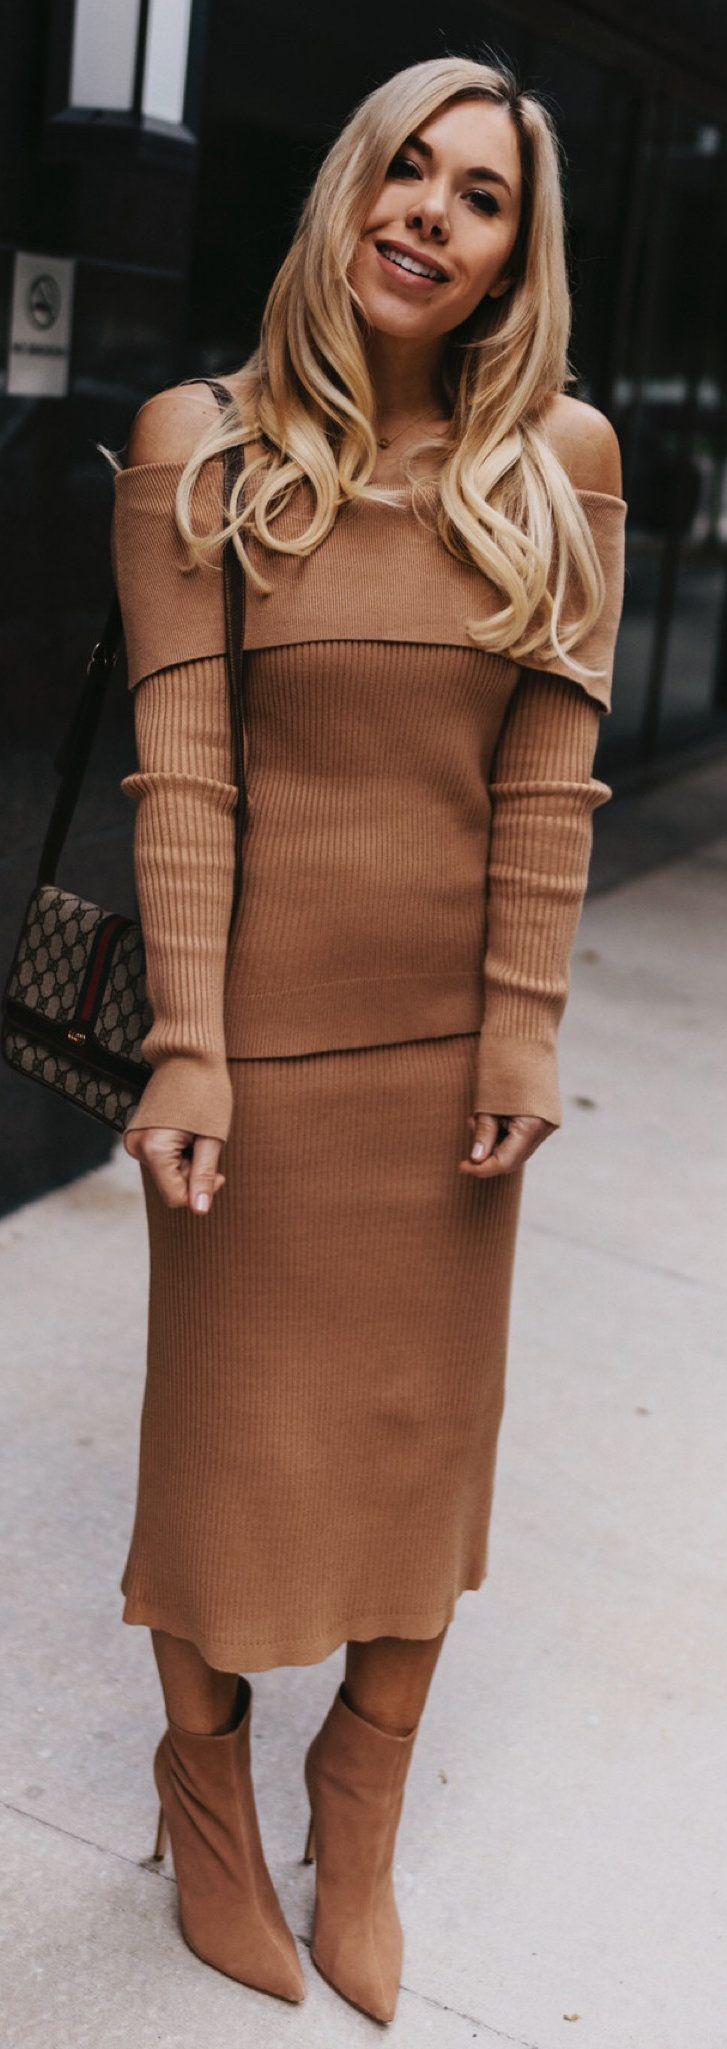 brown knit off-shoulder long-sleeved dress